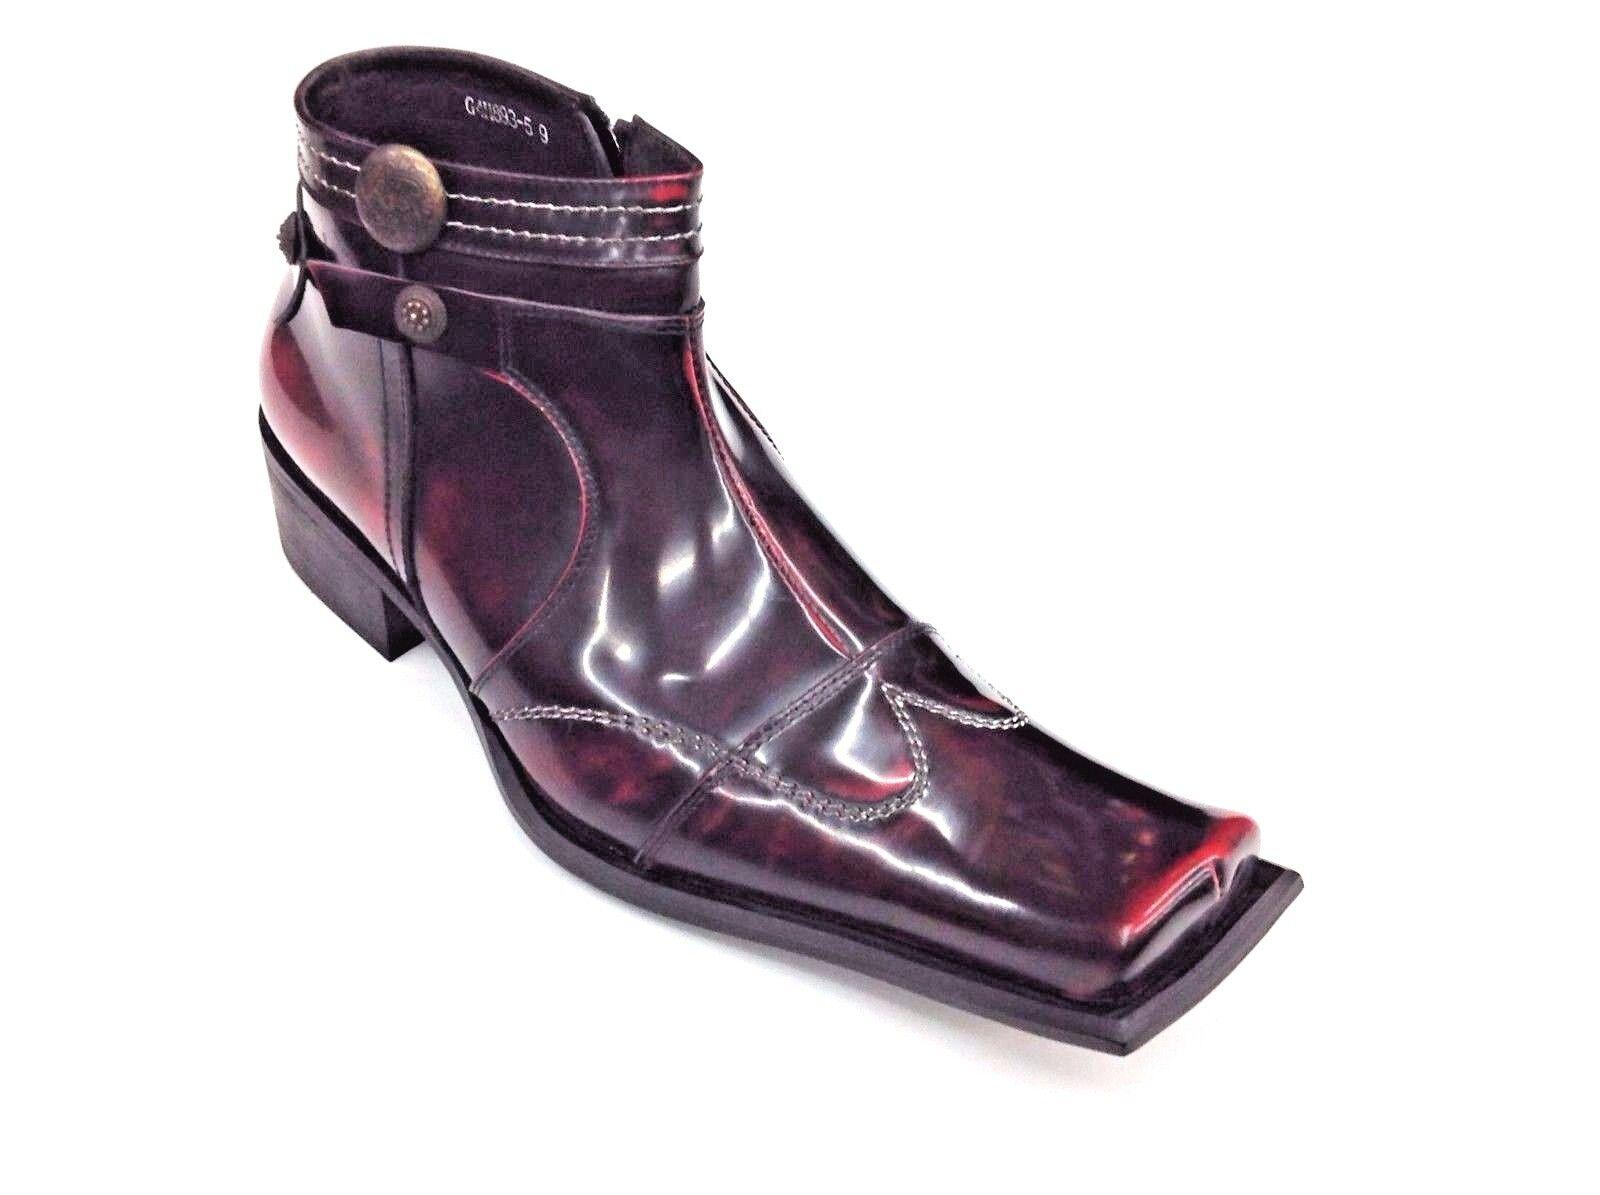 botas para Hombre de Estilo Europeo Cuero Tachuelas Con Cremallera Puntera Cuadrada Zota G4H893-5 vino